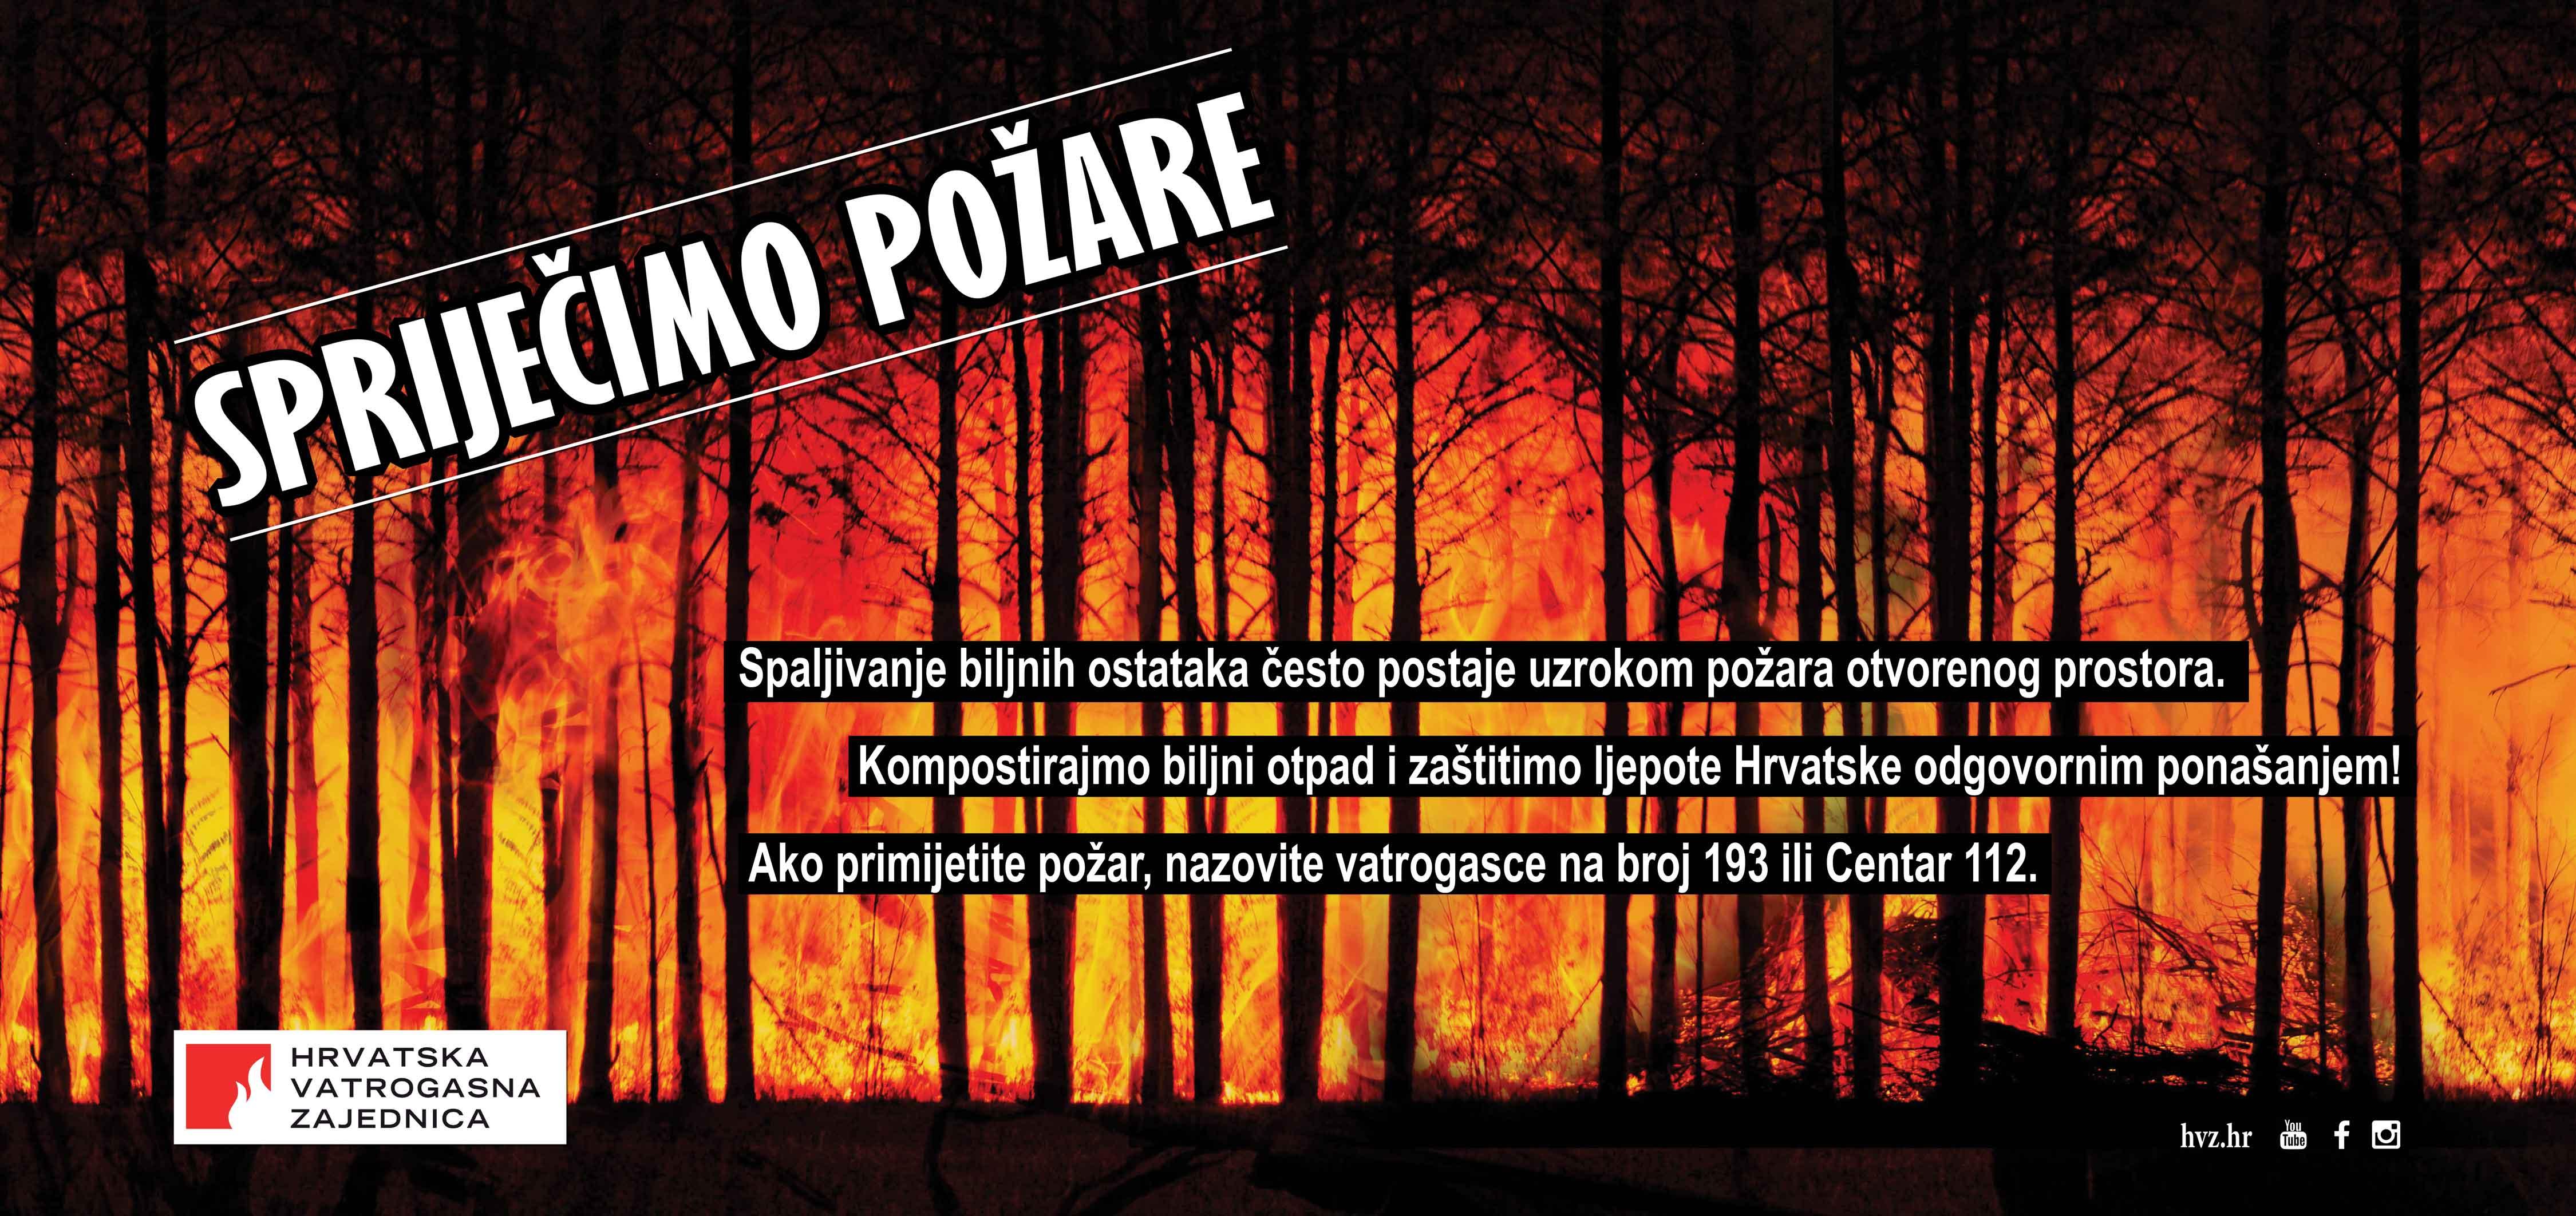 plakat_sprijecimo_pozare